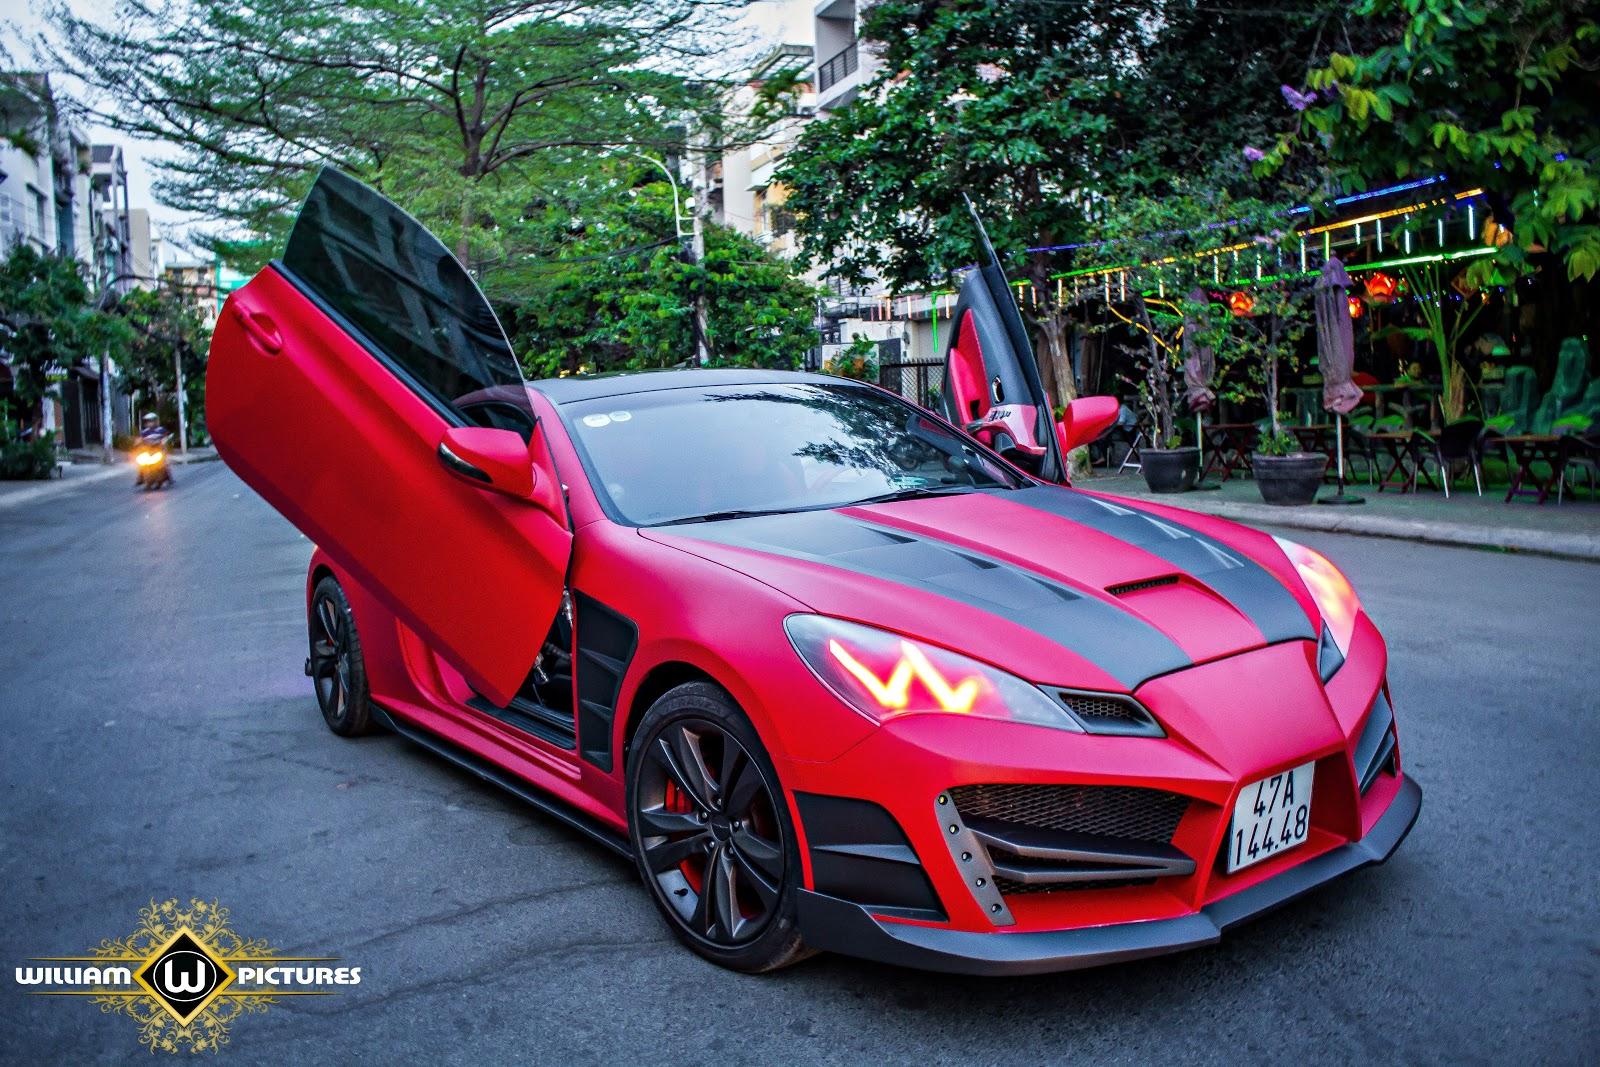 Hyundai Genesis Coupe độ đỏ đen hầm hố đã thay thế chiếc Genesis mỏng manh, gợi cảm ngày nào